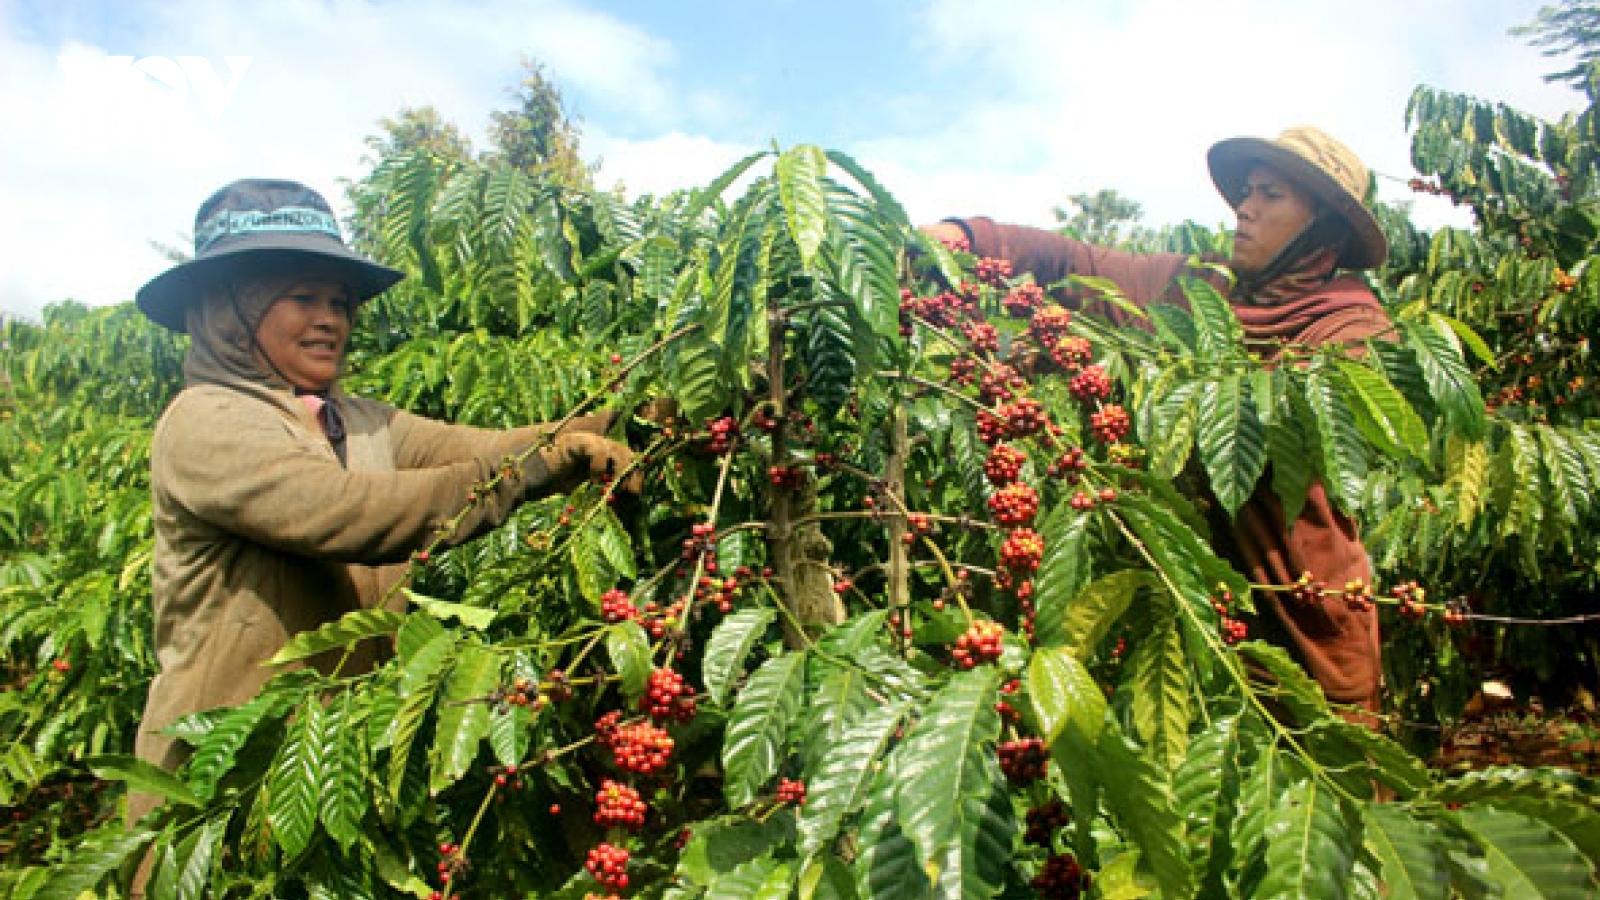 Để bán được giá, phải chú trọng đến chất lượng cà phê từ khâu thu hoạch